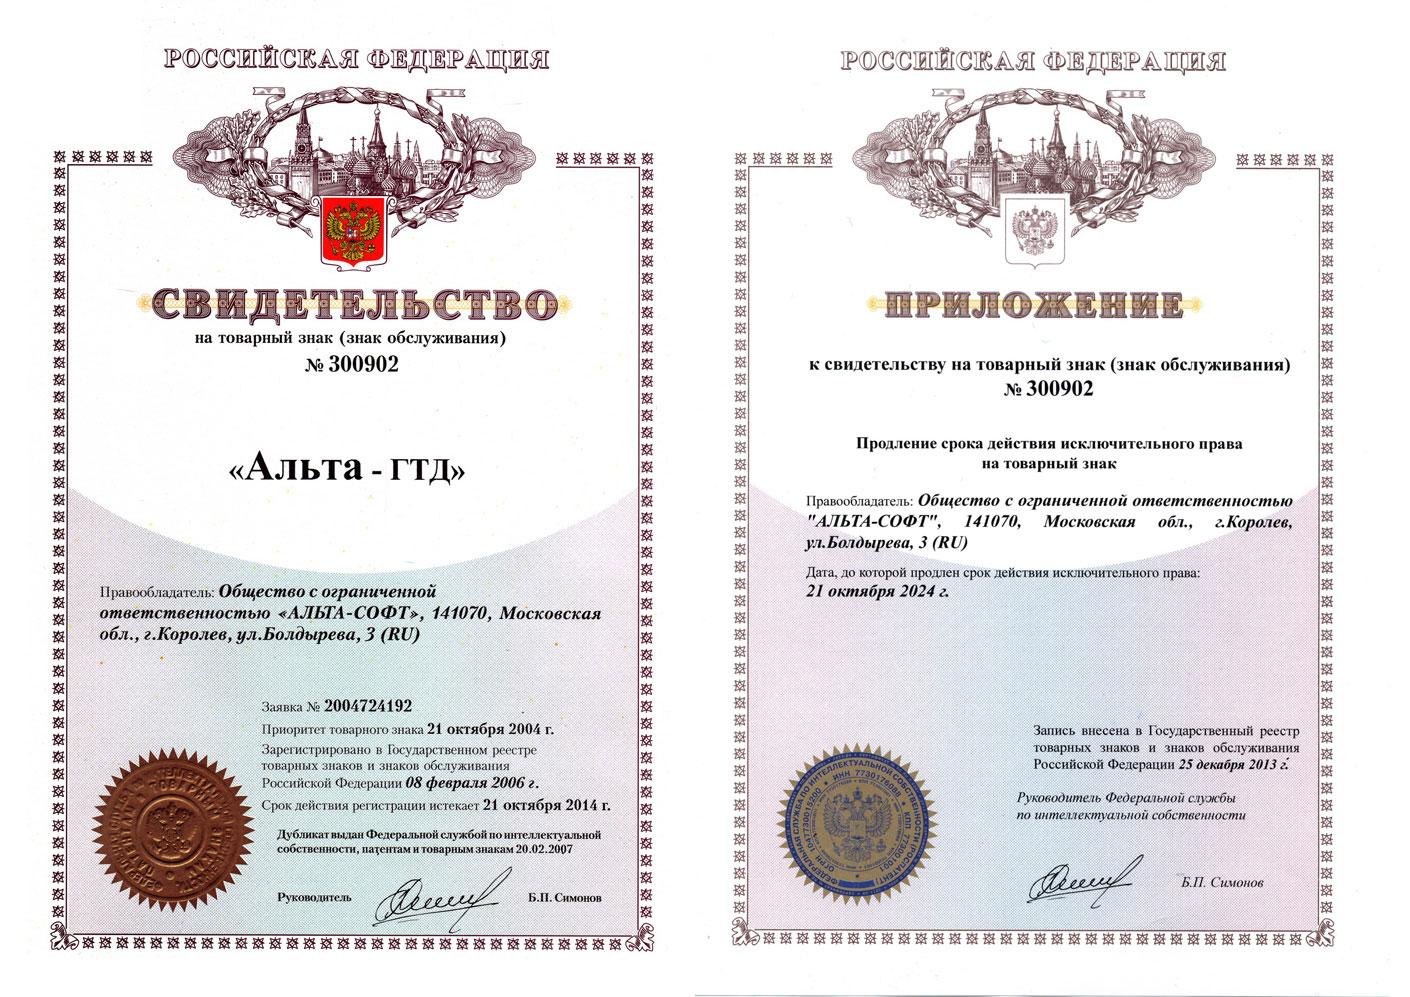 Регистрация знака обслуживания